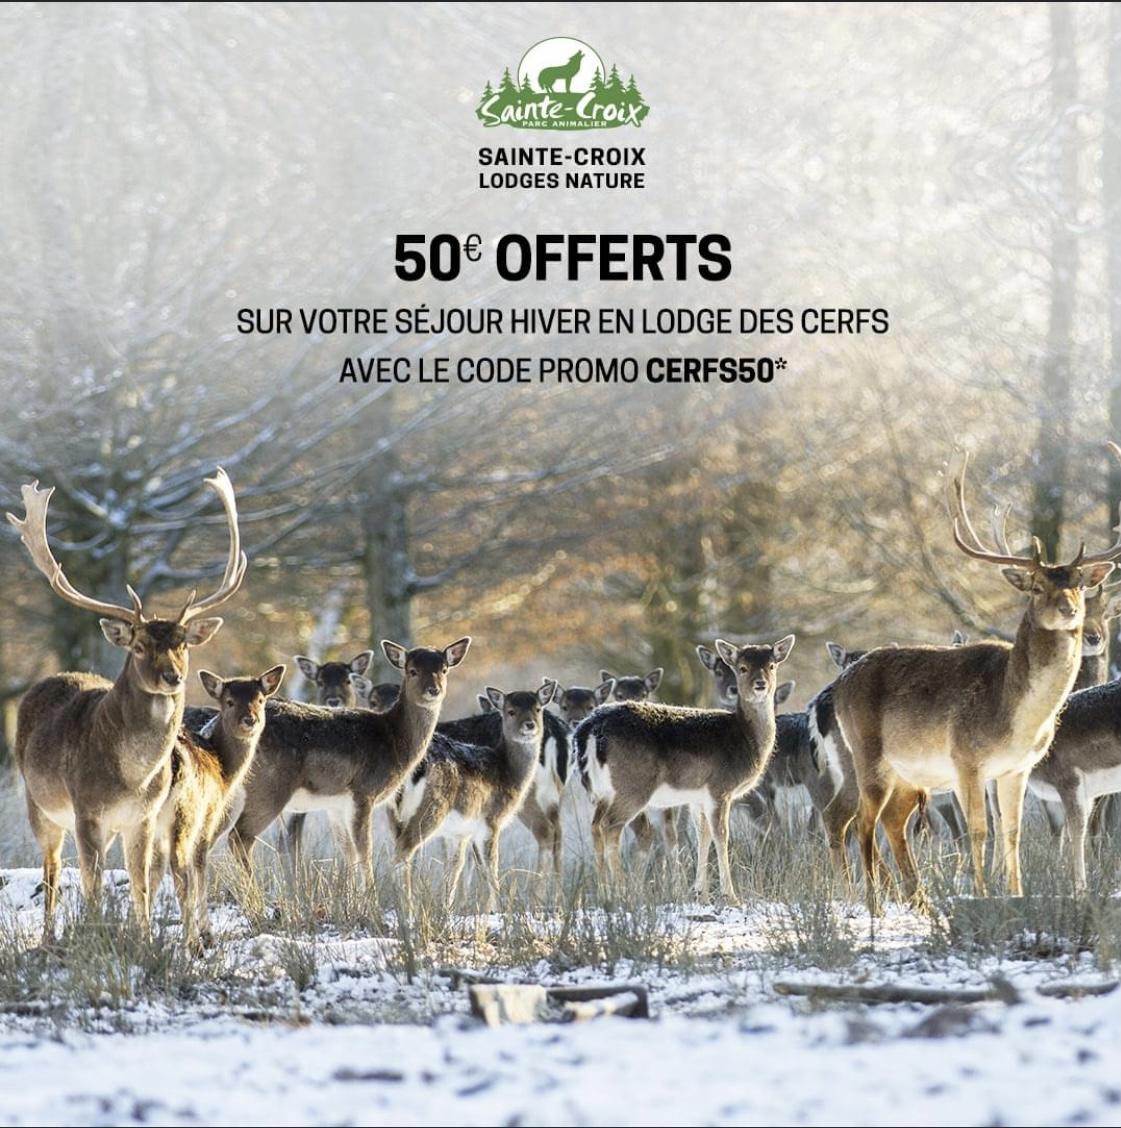 50€ offerts sur un séjour Hiver en Lodges des Grands cerfs - Parc Animalier de Sainte-Croix Rhodes (57) - ParcSainteCroix-LodgesNature.com